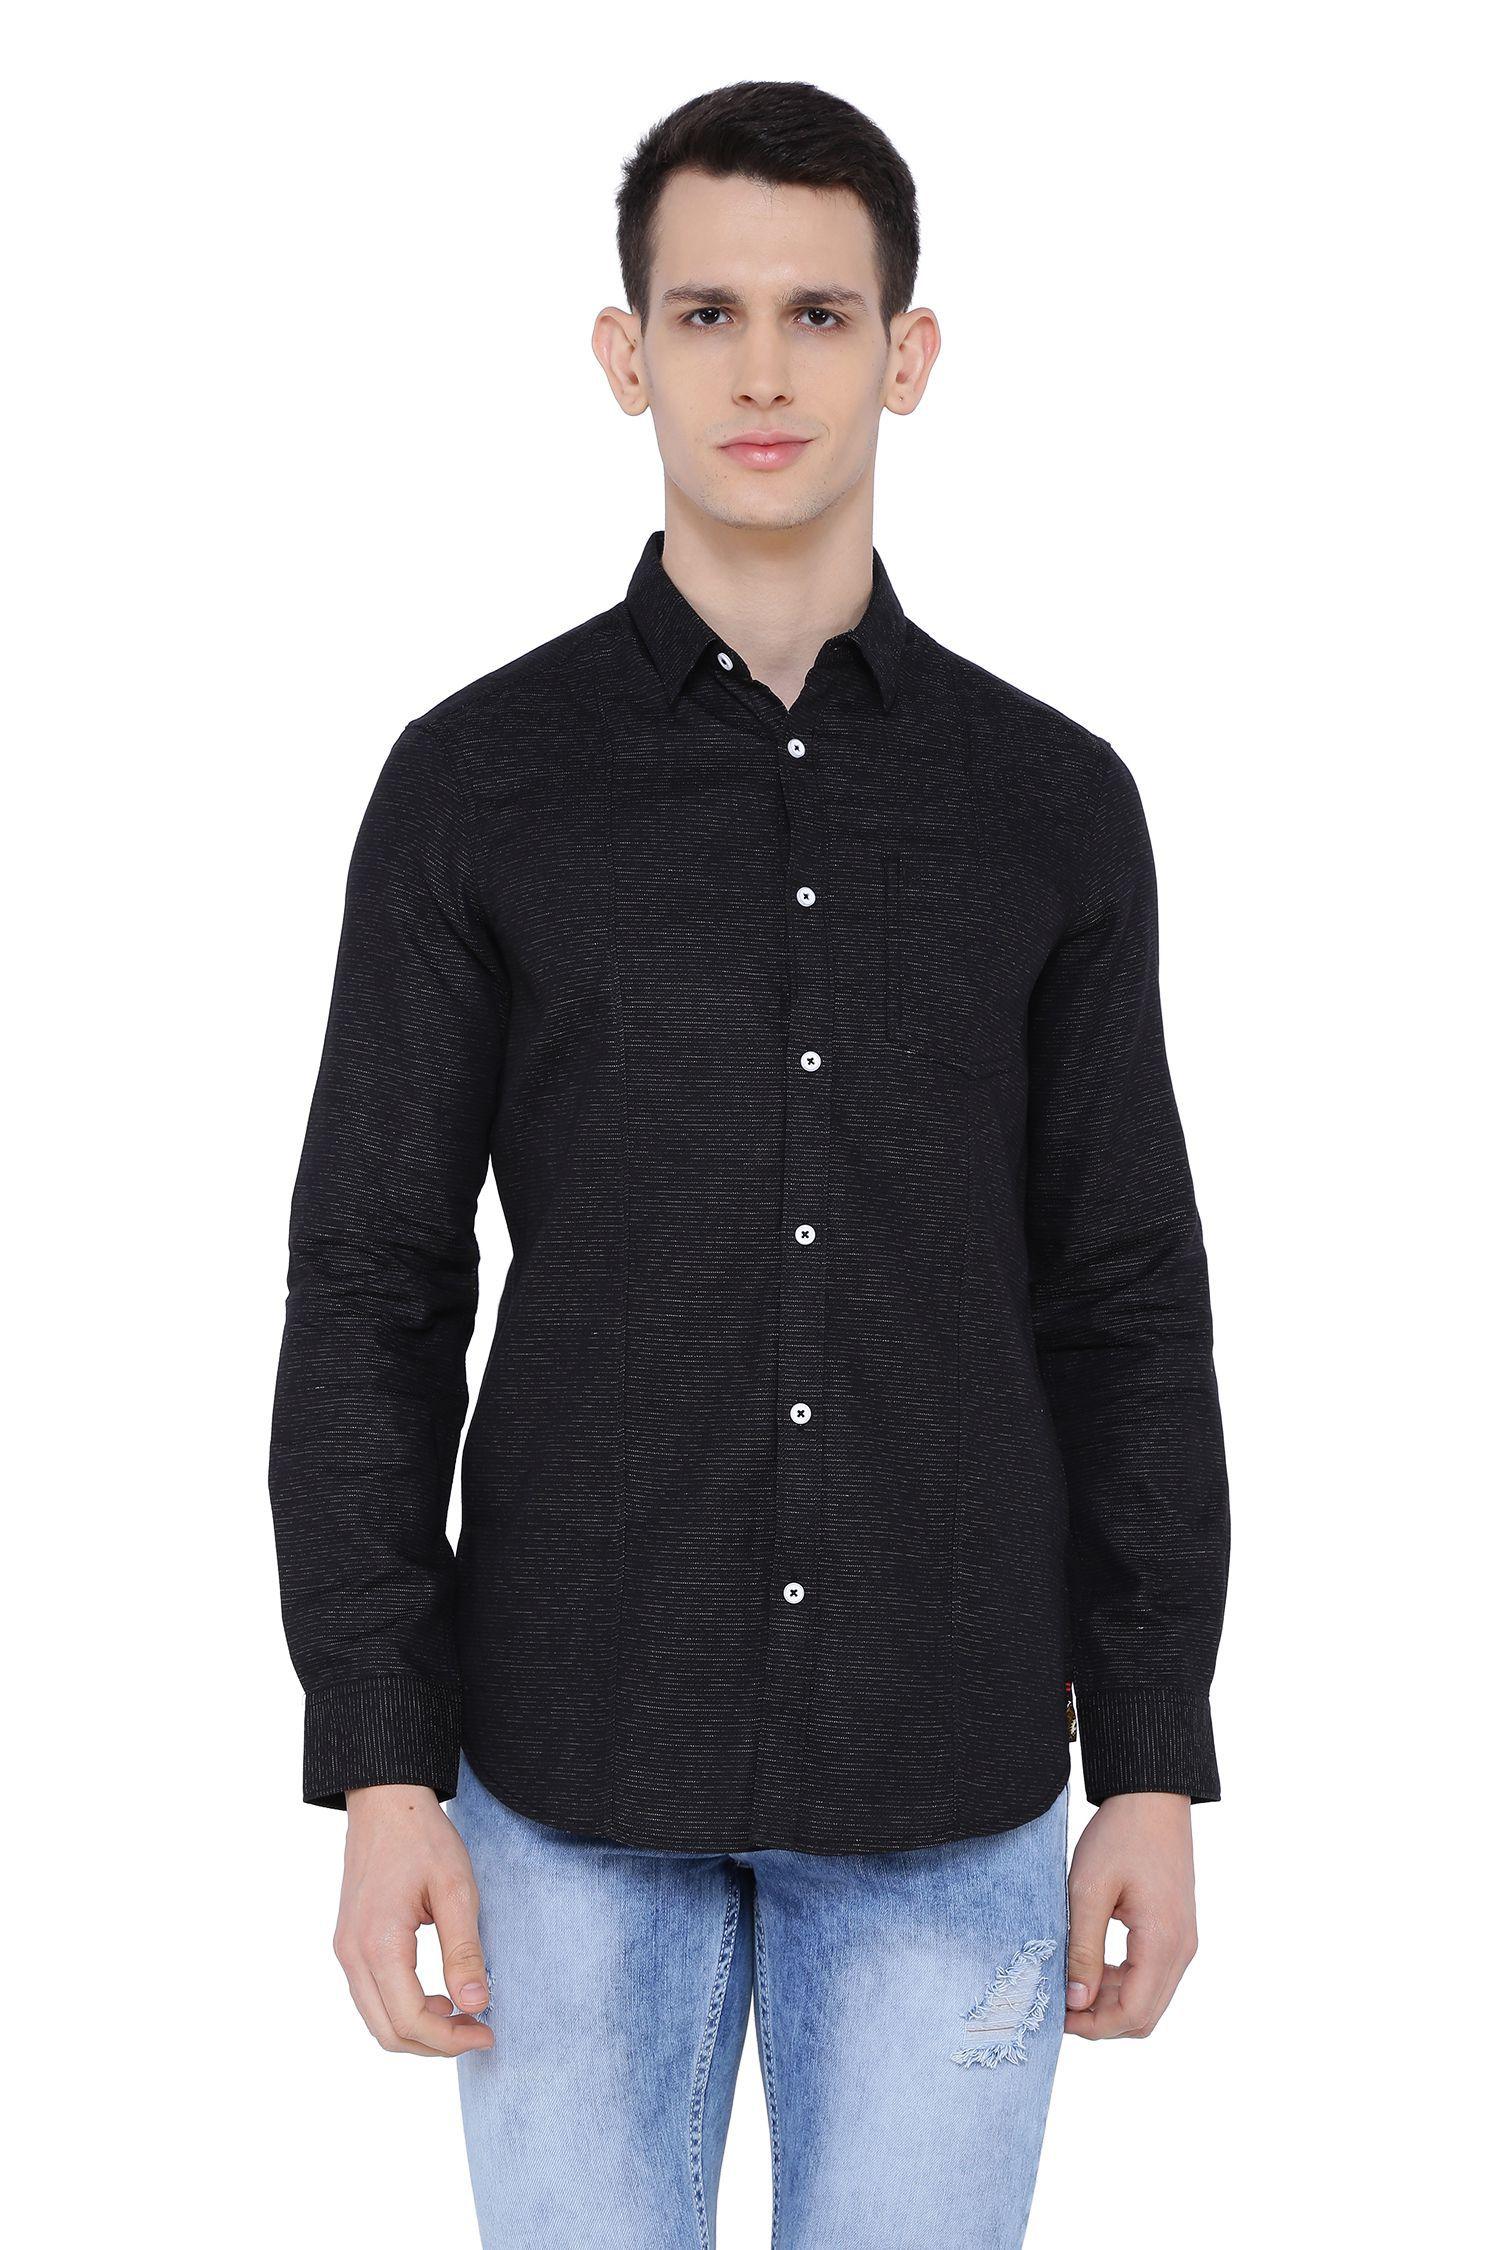 Risque 100 Percent Cotton Black Solids Shirt